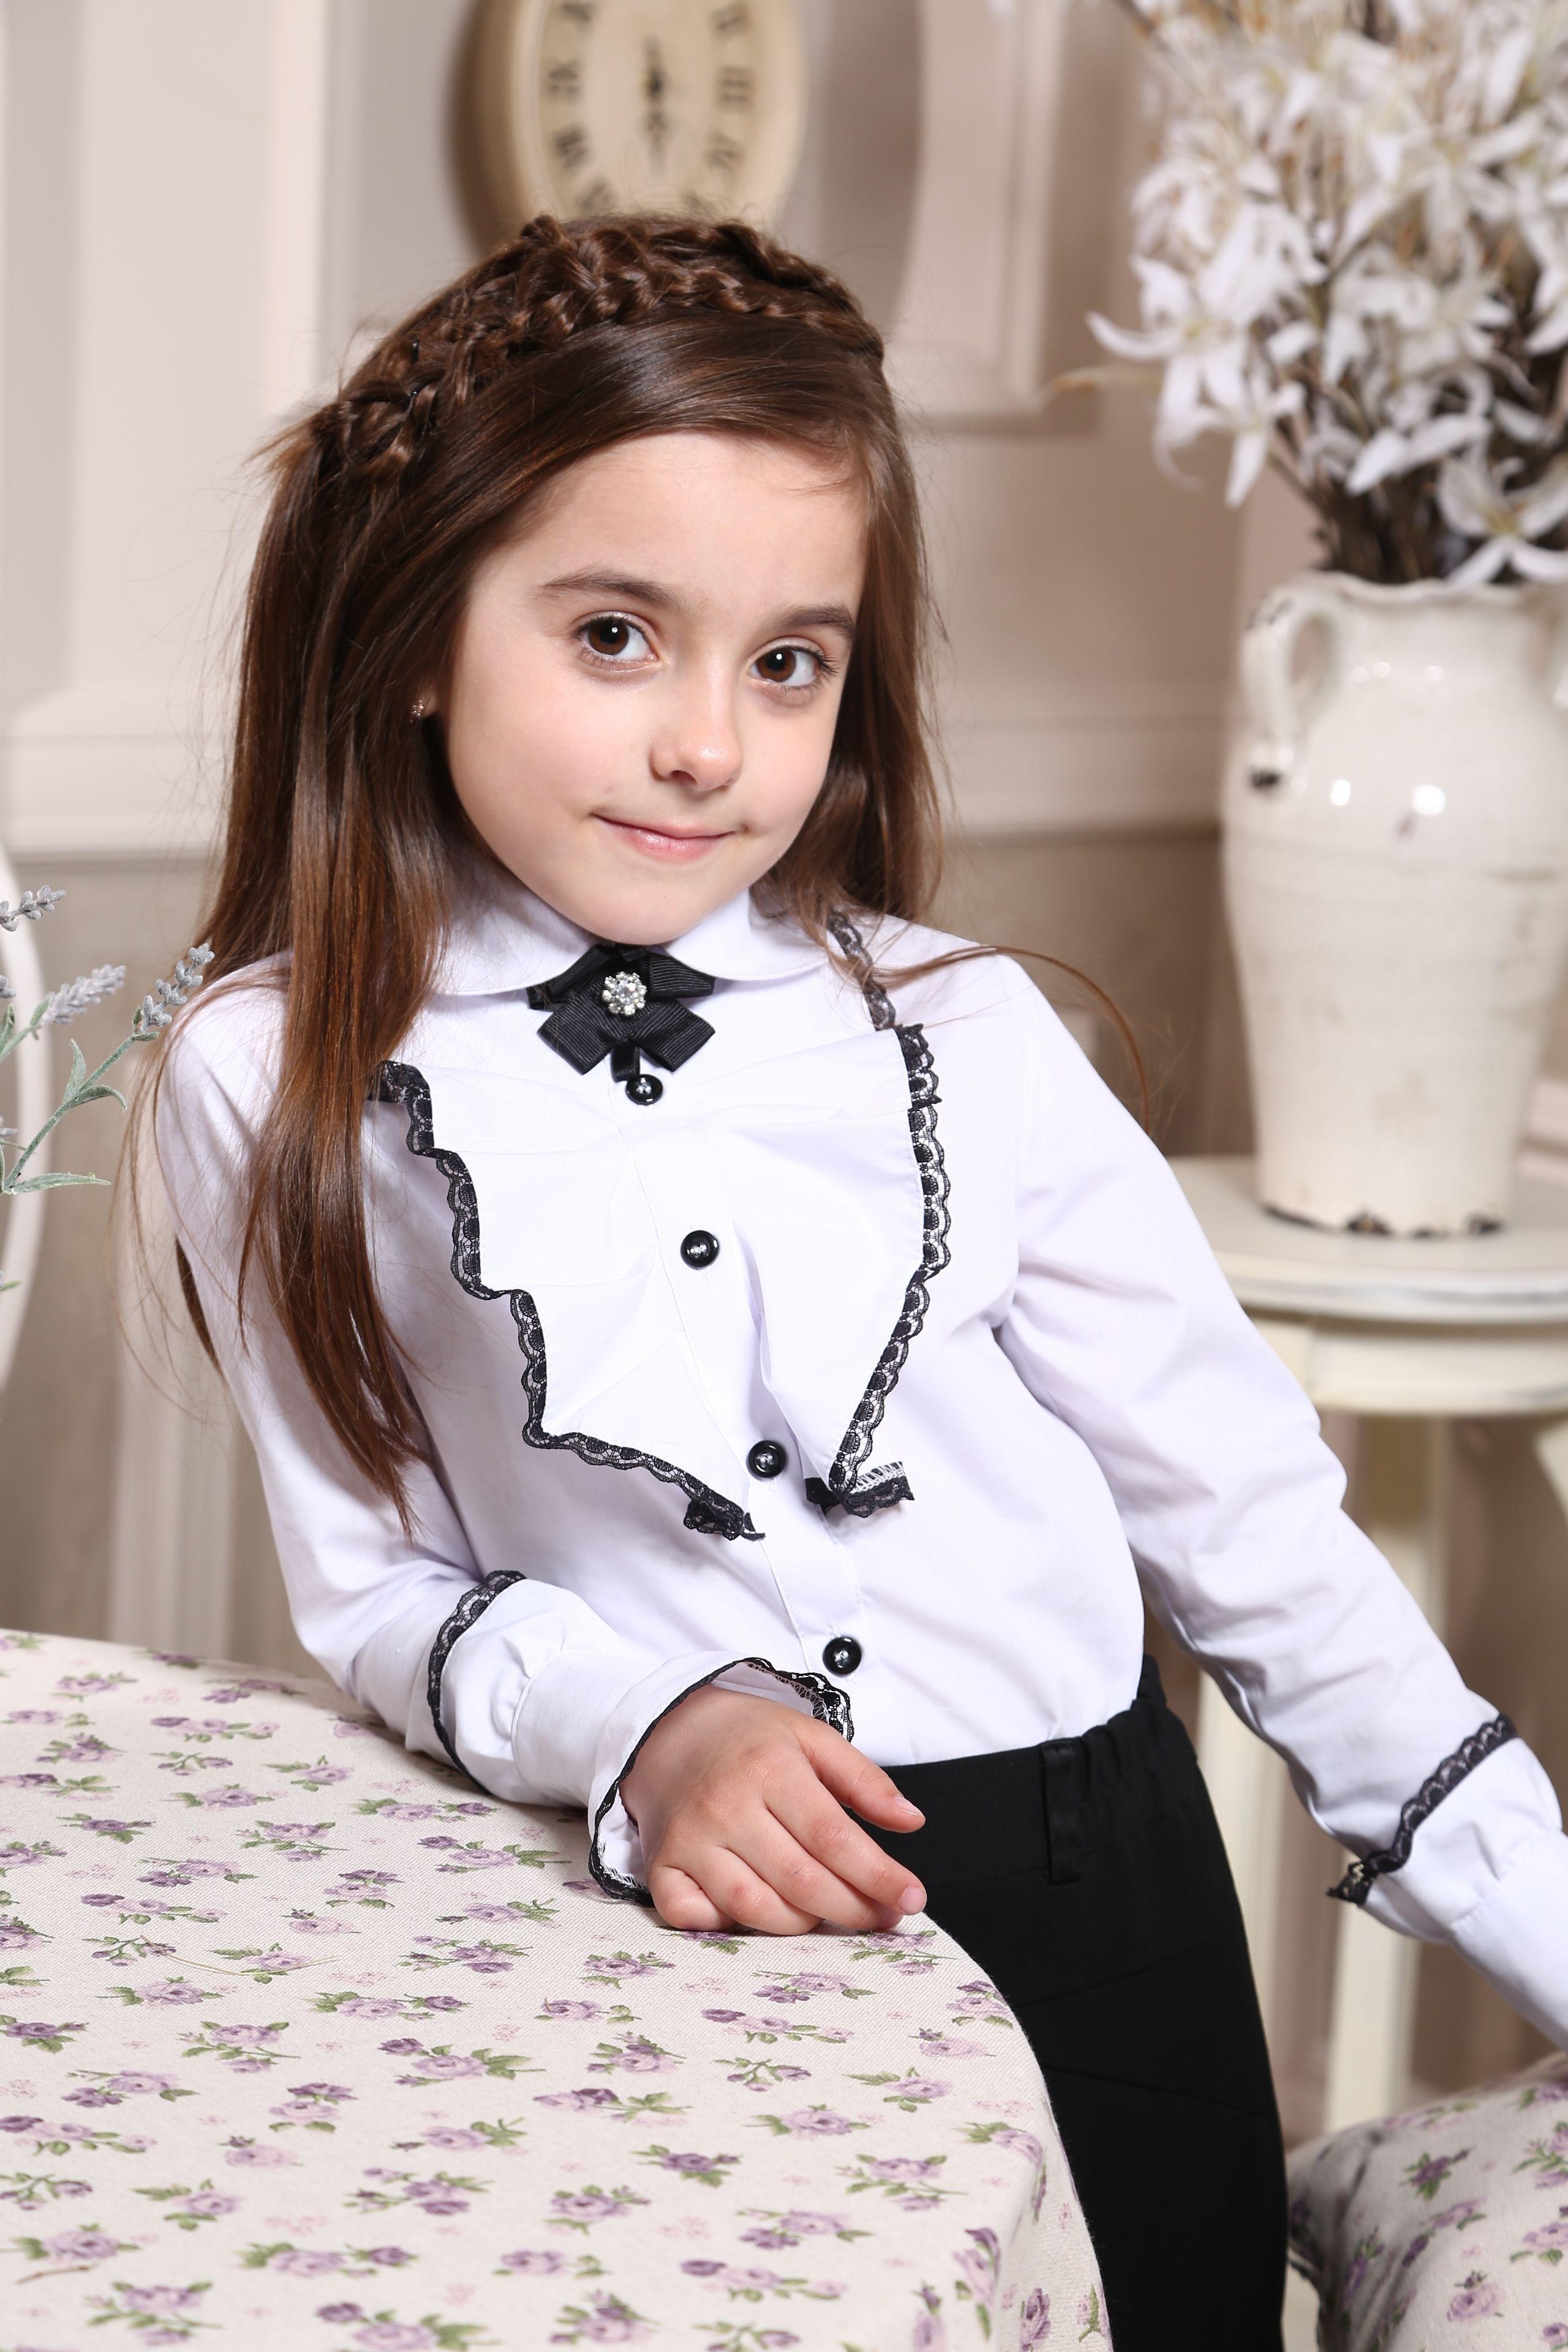 ce4754f6985 Стильная школьная блузка с жабо и съемным украшением и кружевами